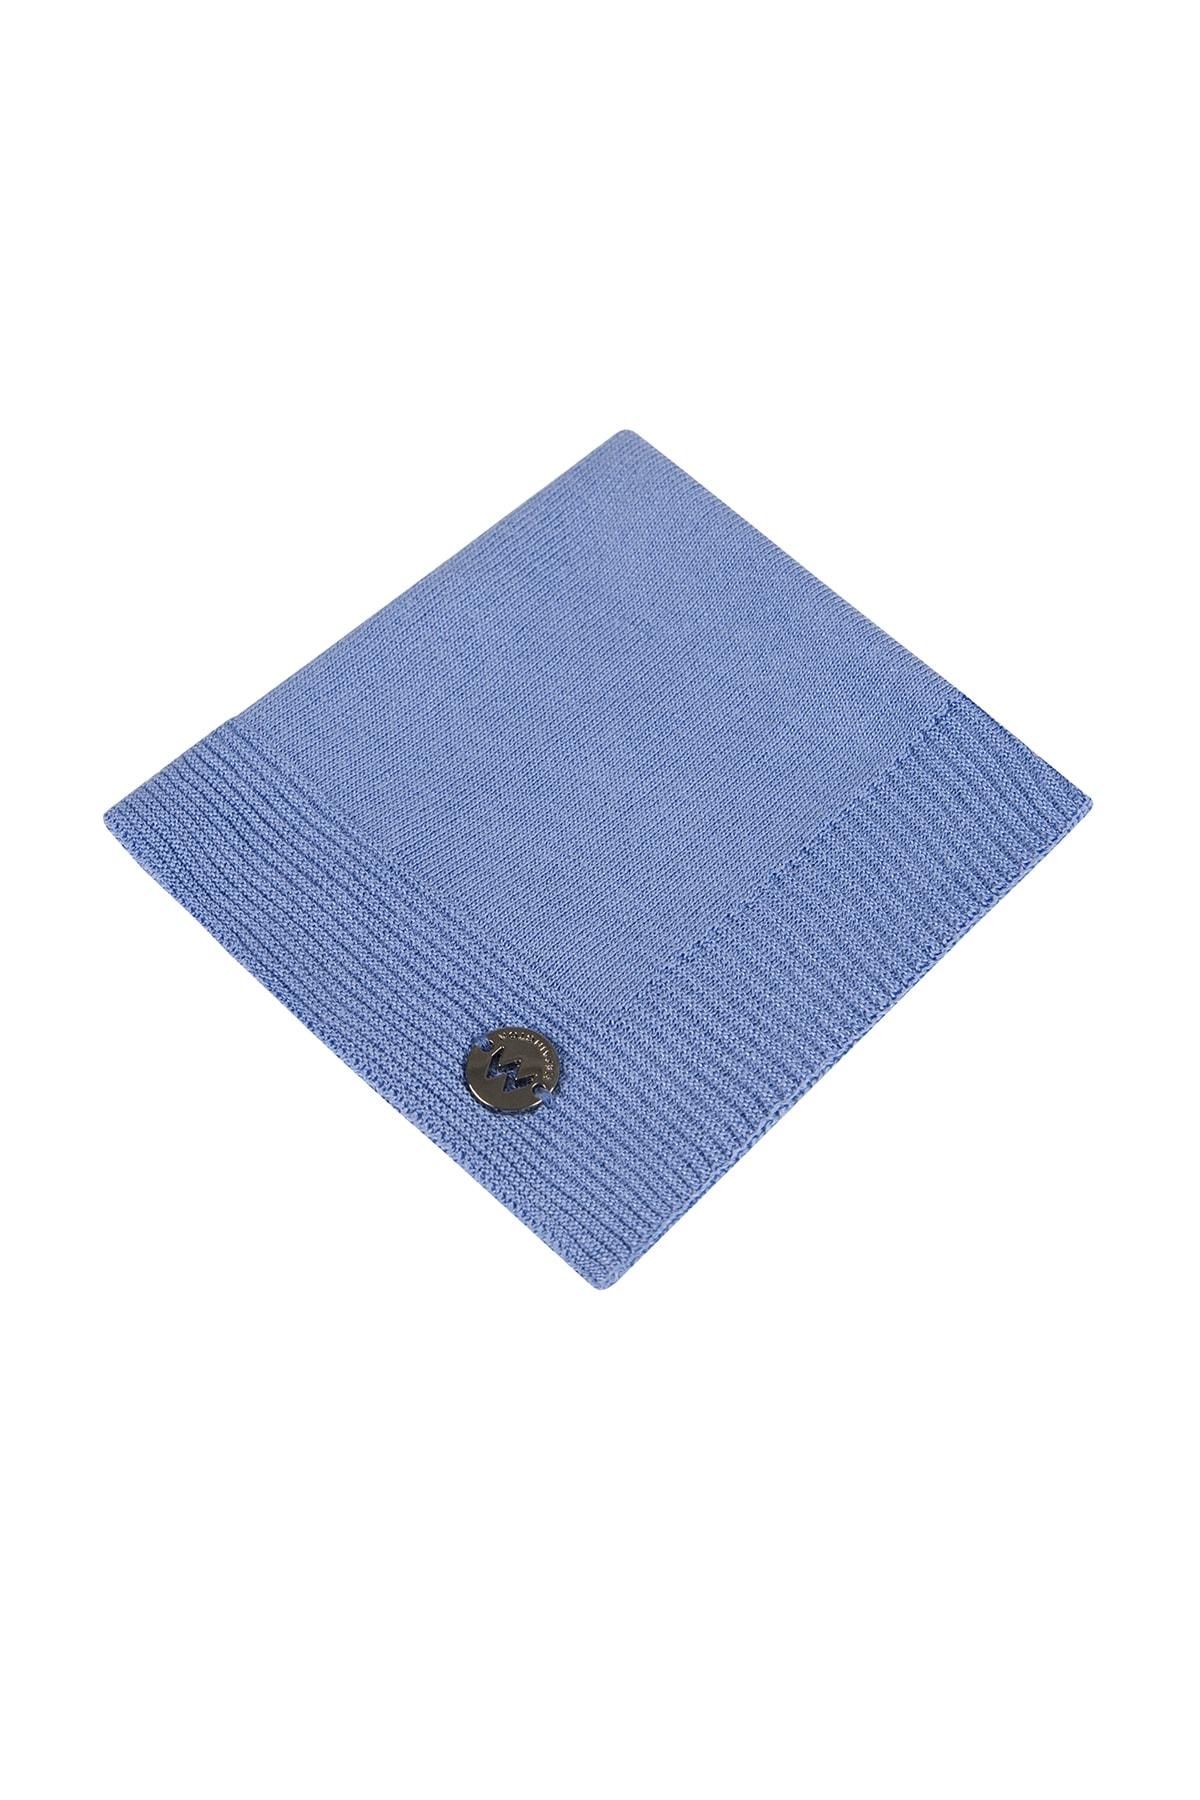 Hemington Ipek Örgü Açık Mavi Cep Mendili 1